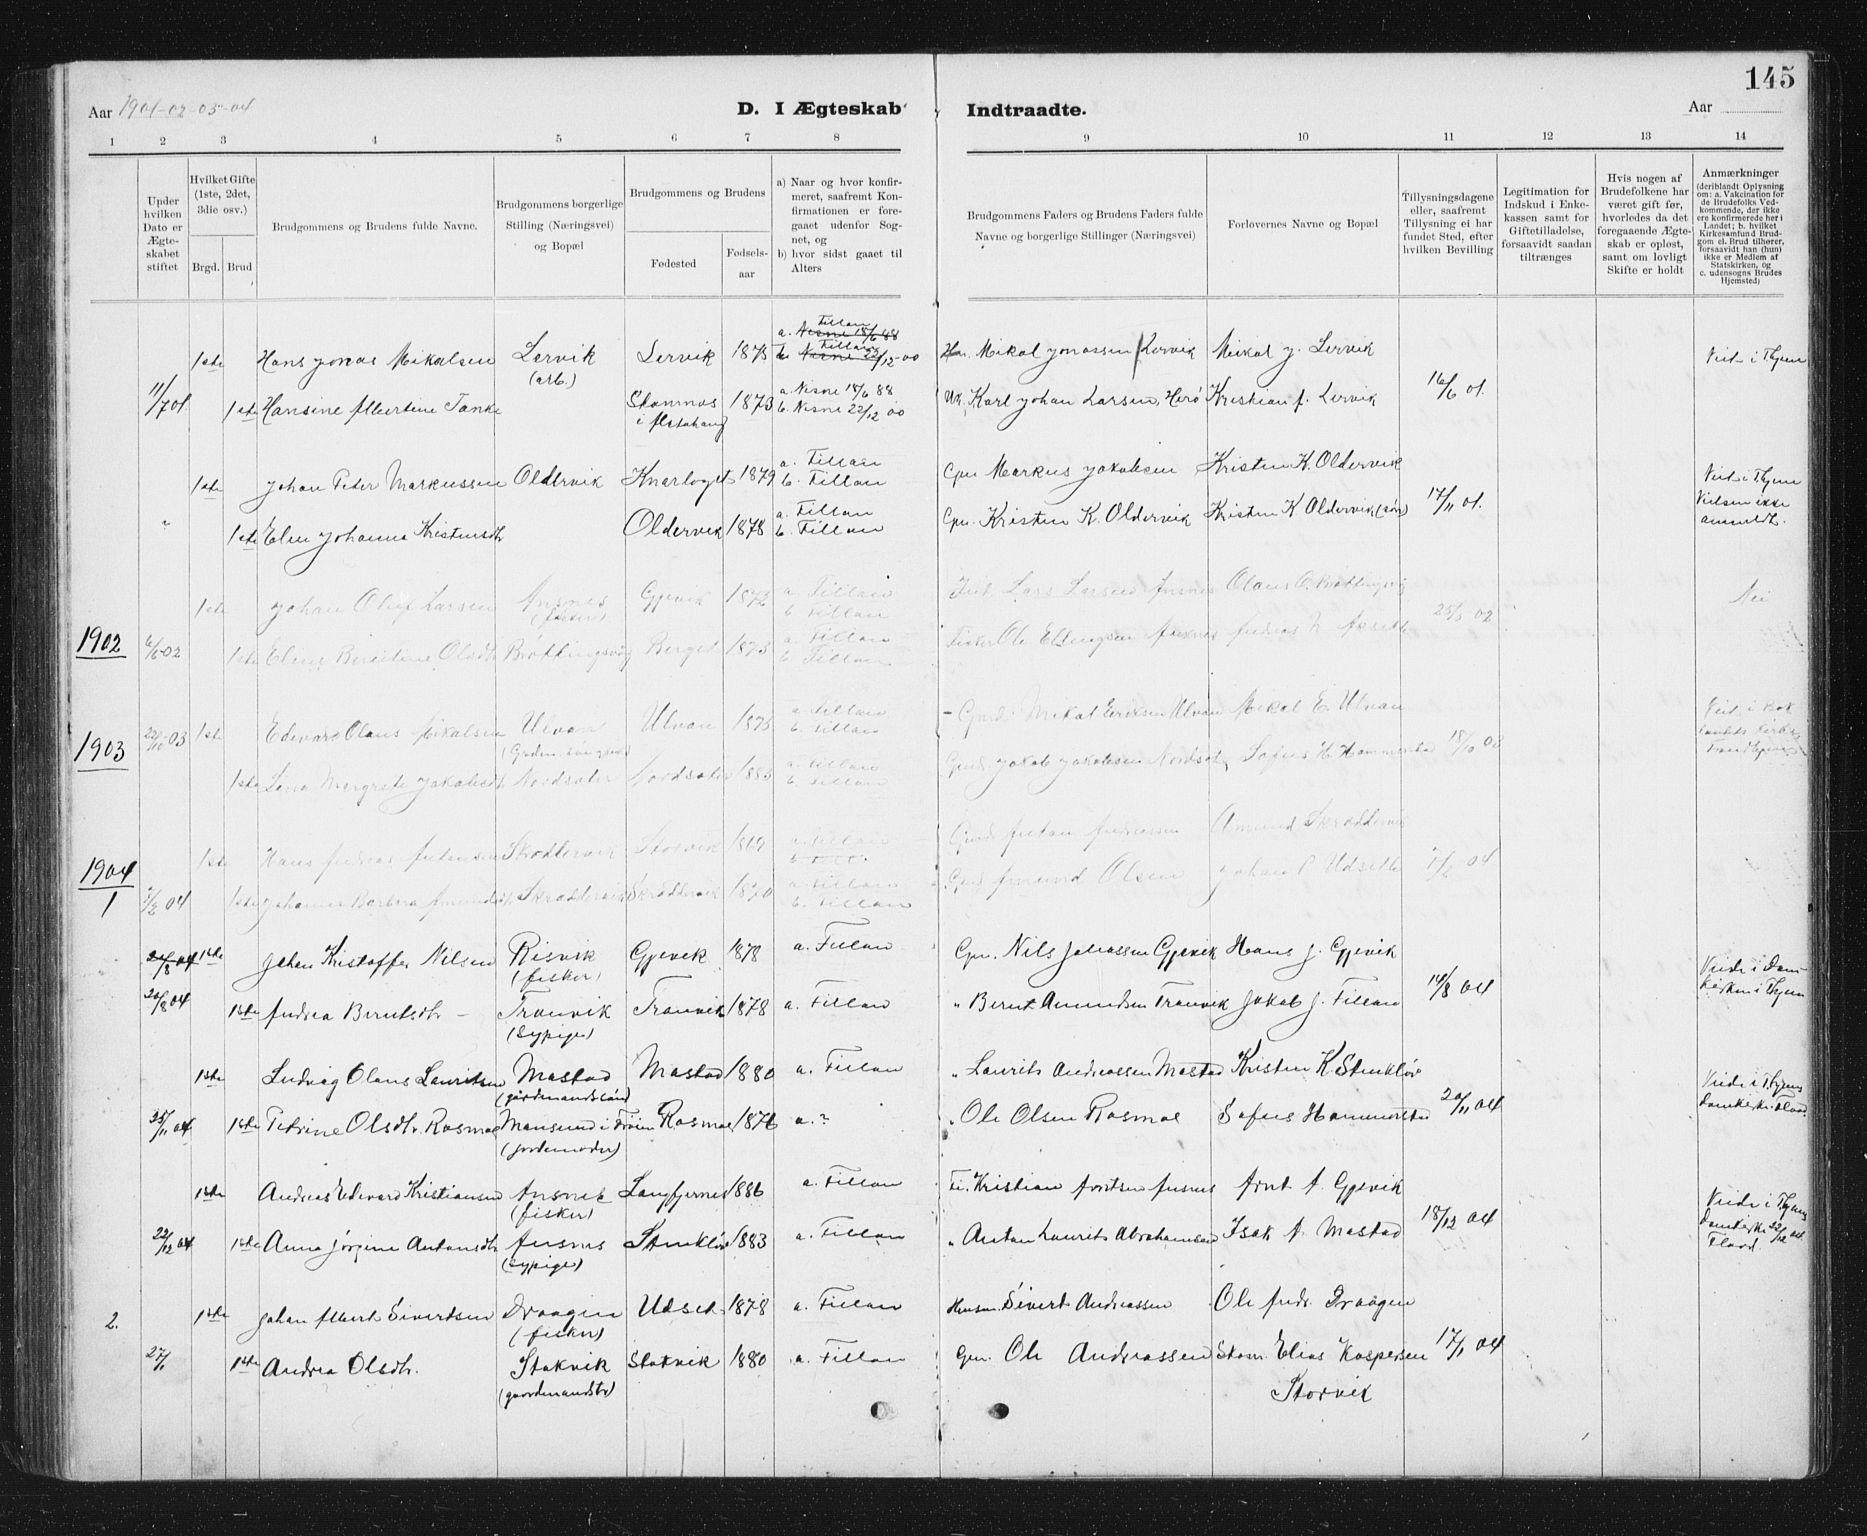 SAT, Ministerialprotokoller, klokkerbøker og fødselsregistre - Sør-Trøndelag, 637/L0563: Klokkerbok nr. 637C04, 1899-1940, s. 145